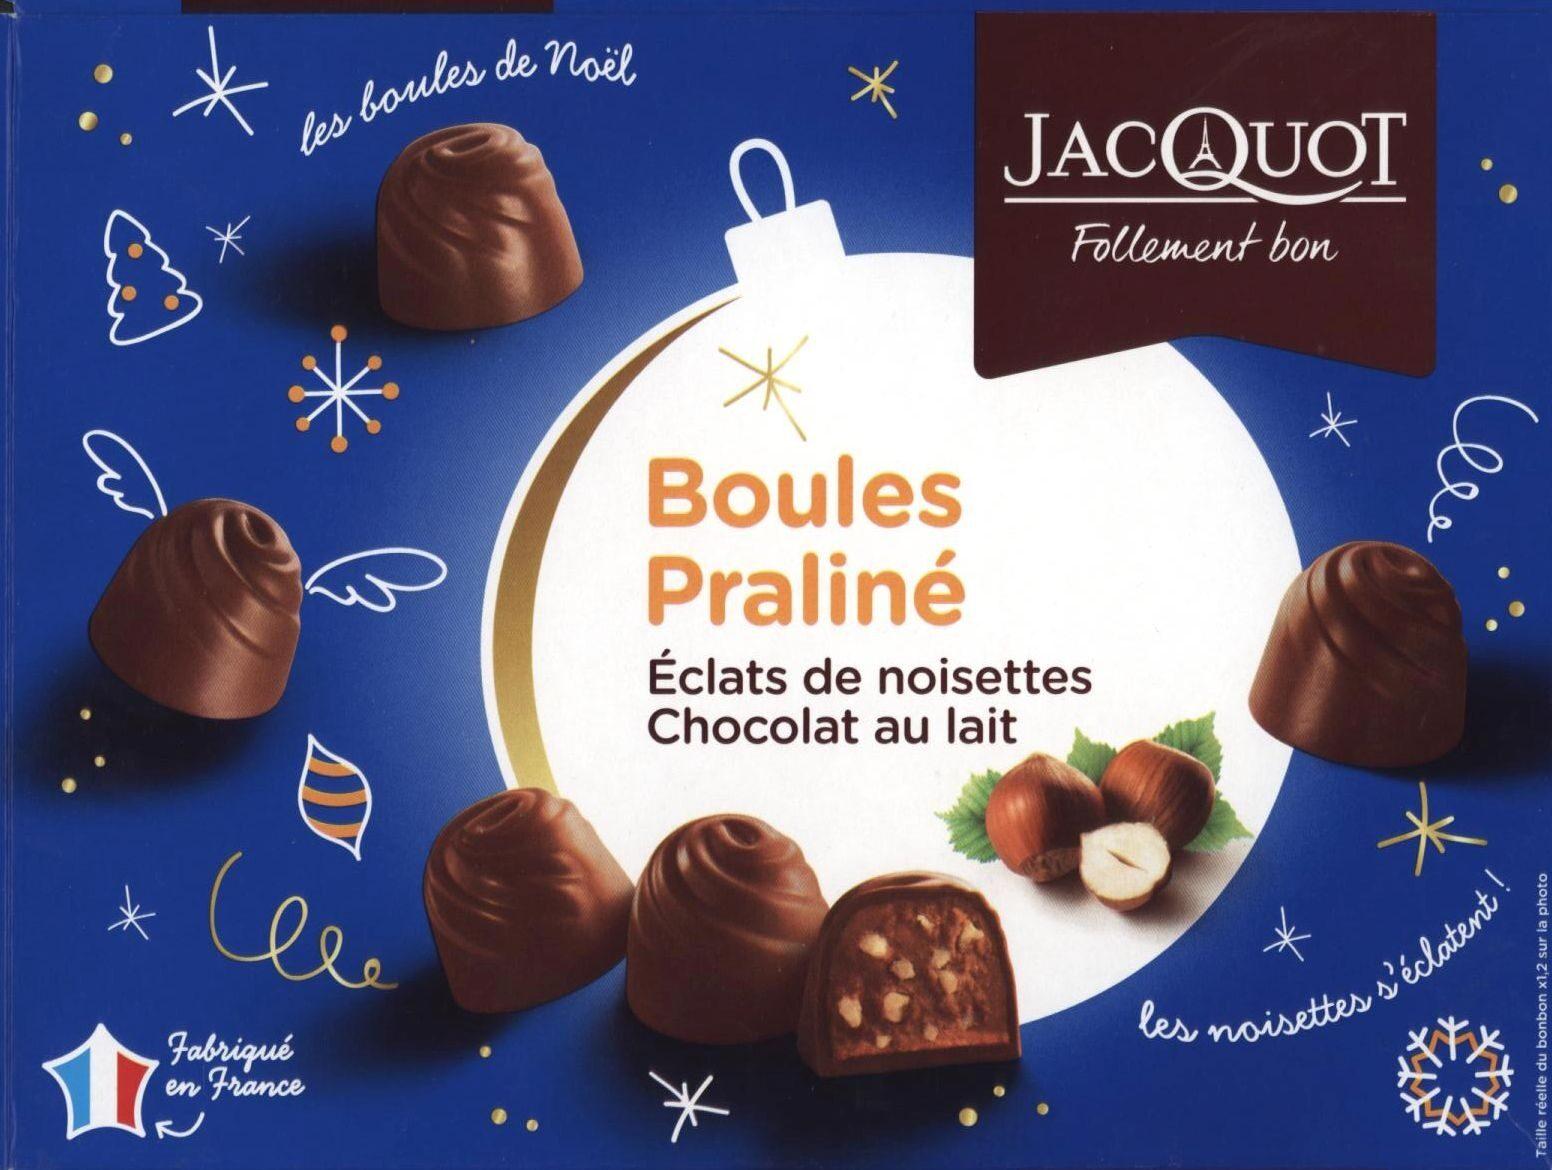 Boules Praliné Éclats de noisettes Chocolat au lait - Product